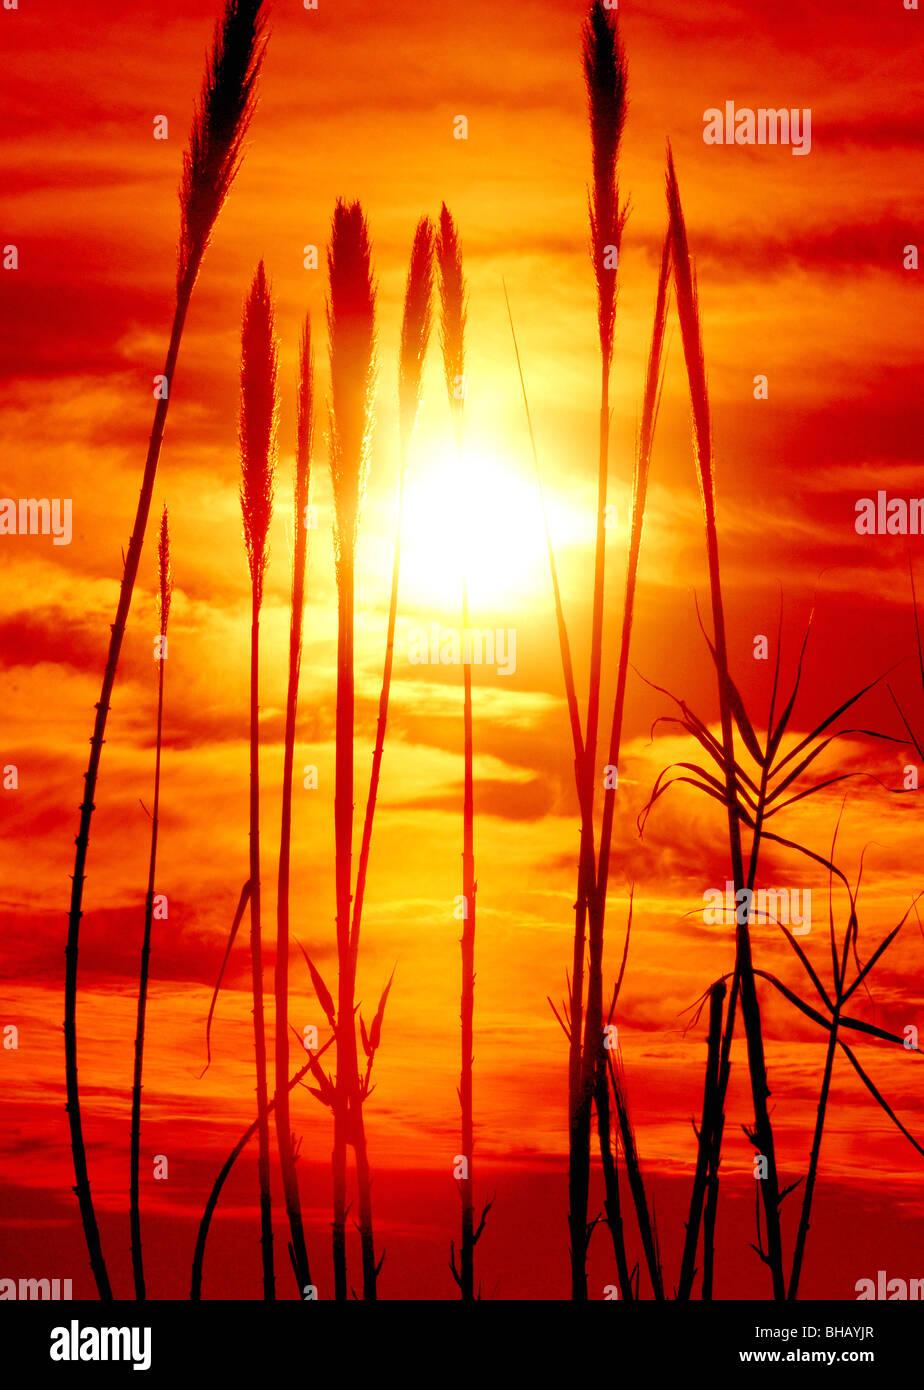 La hierba crece a lo largo del Rillito River en el desierto de Arizona, Tucson, Arizona, EE.UU. Imagen De Stock